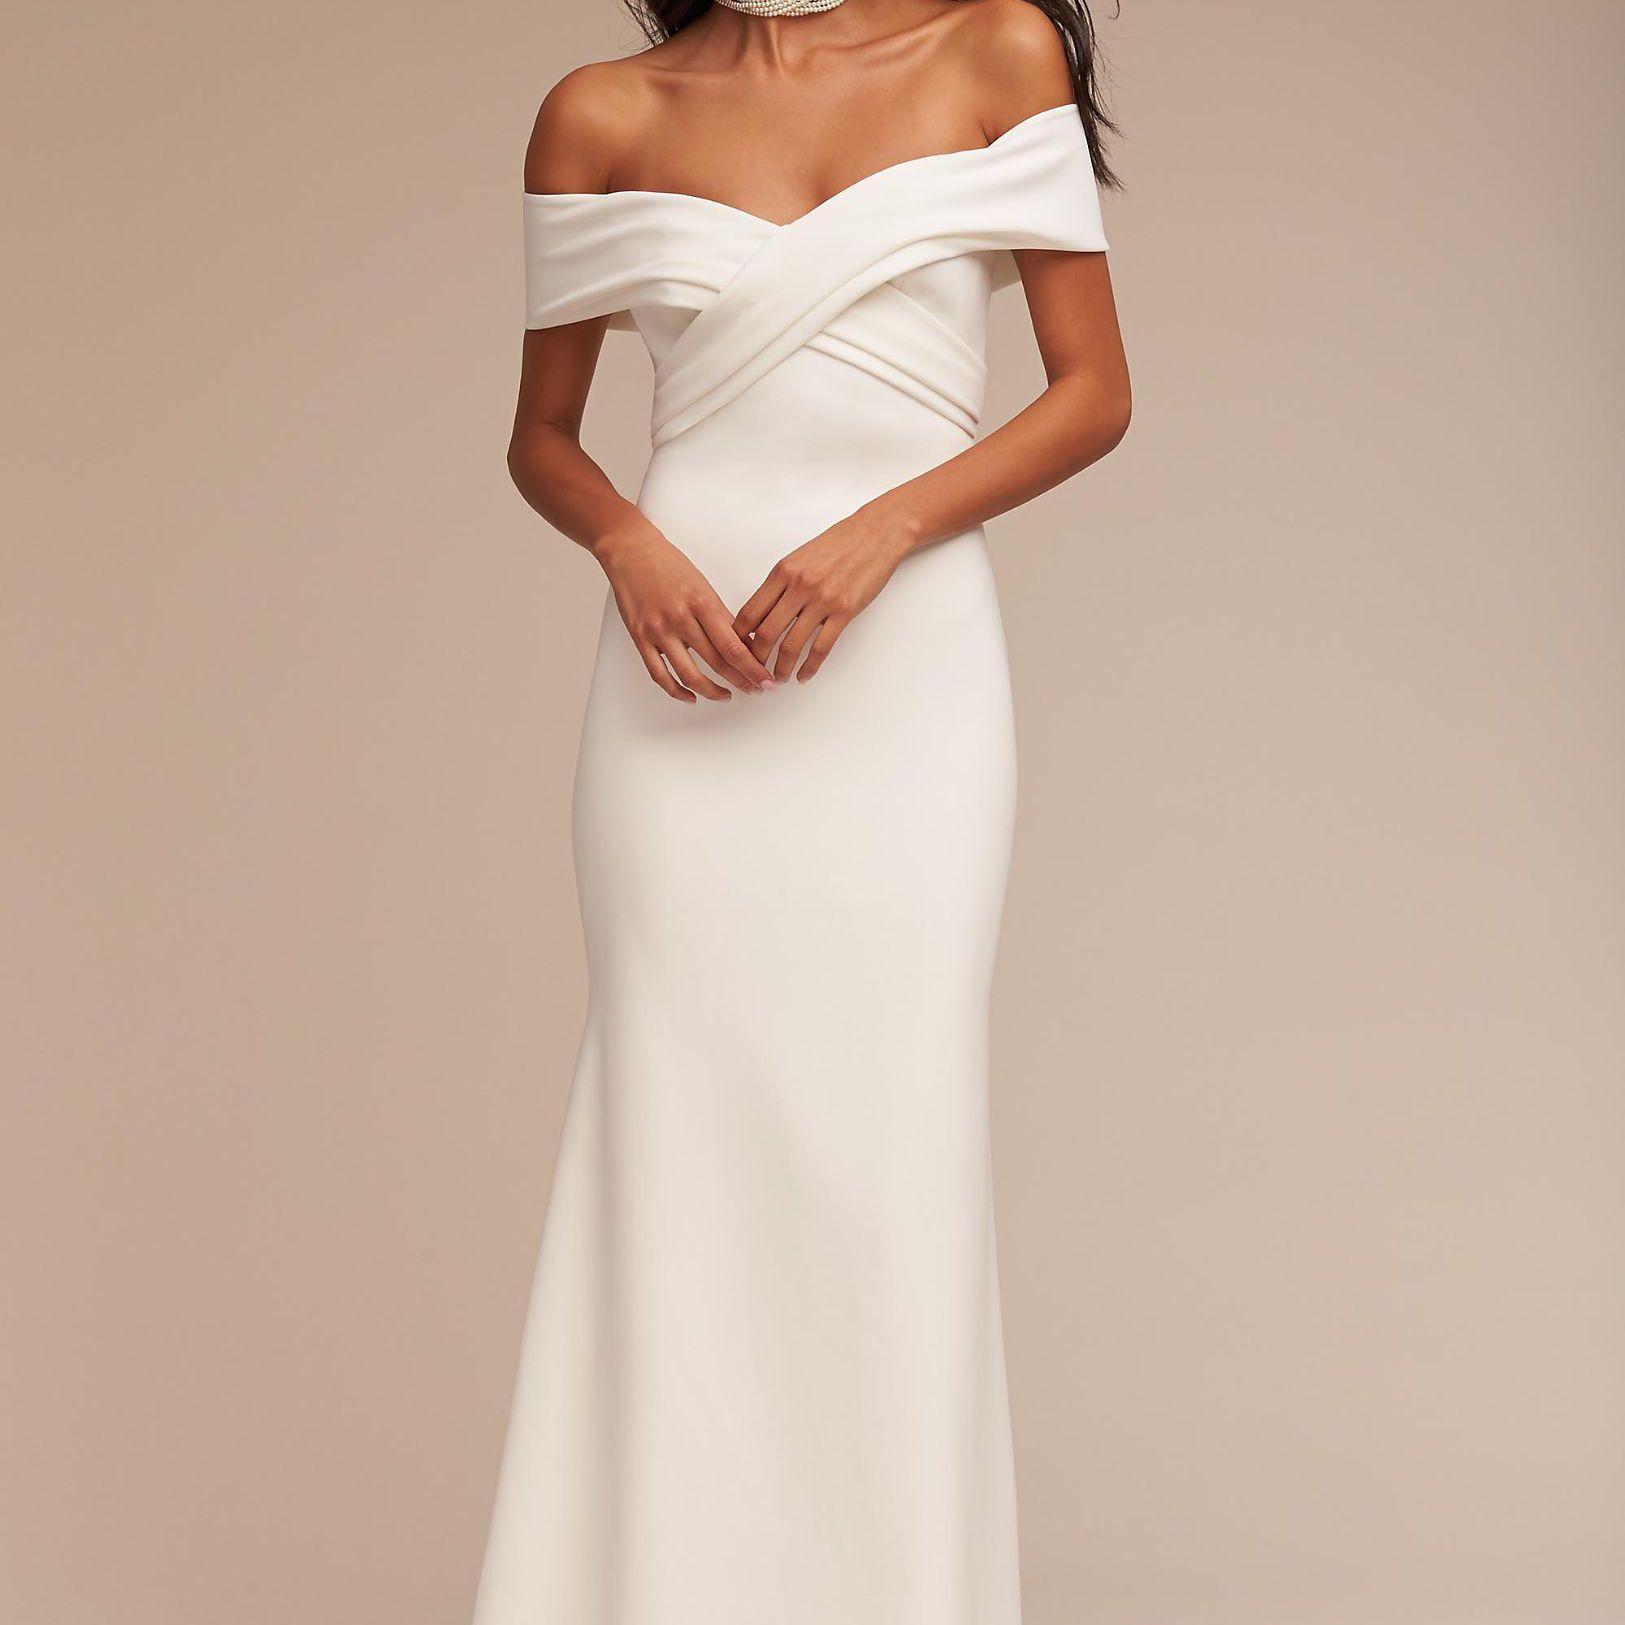 50 Trendy Off-the-Shoulder Wedding Dresses